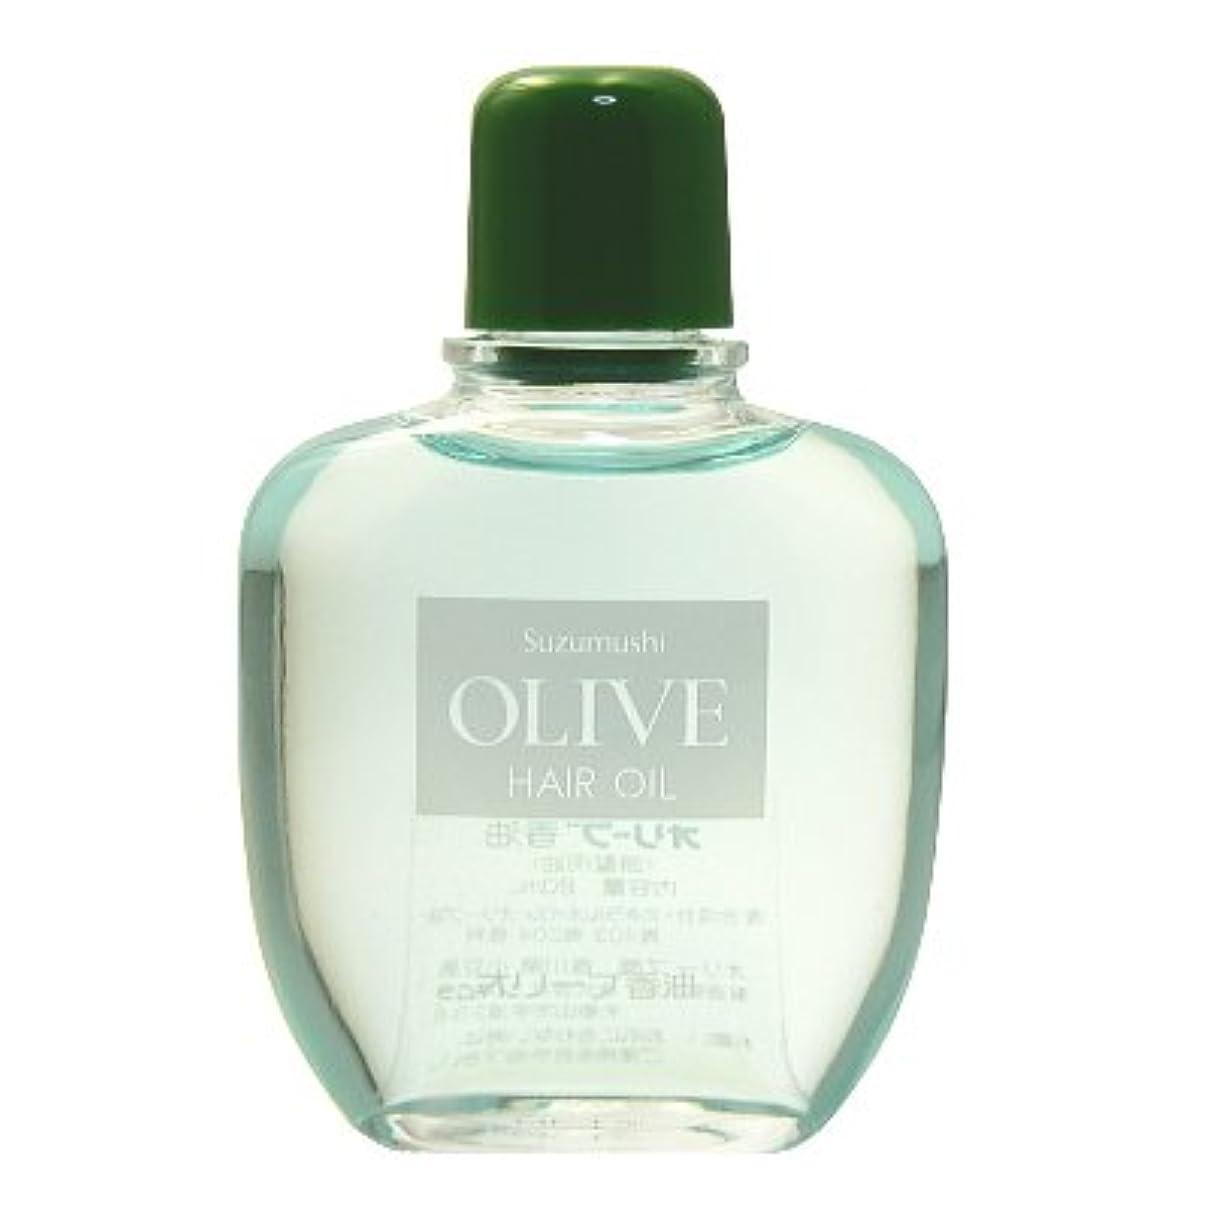 鈴虫化粧品 オリーブ香油(頭髪用油)80ml